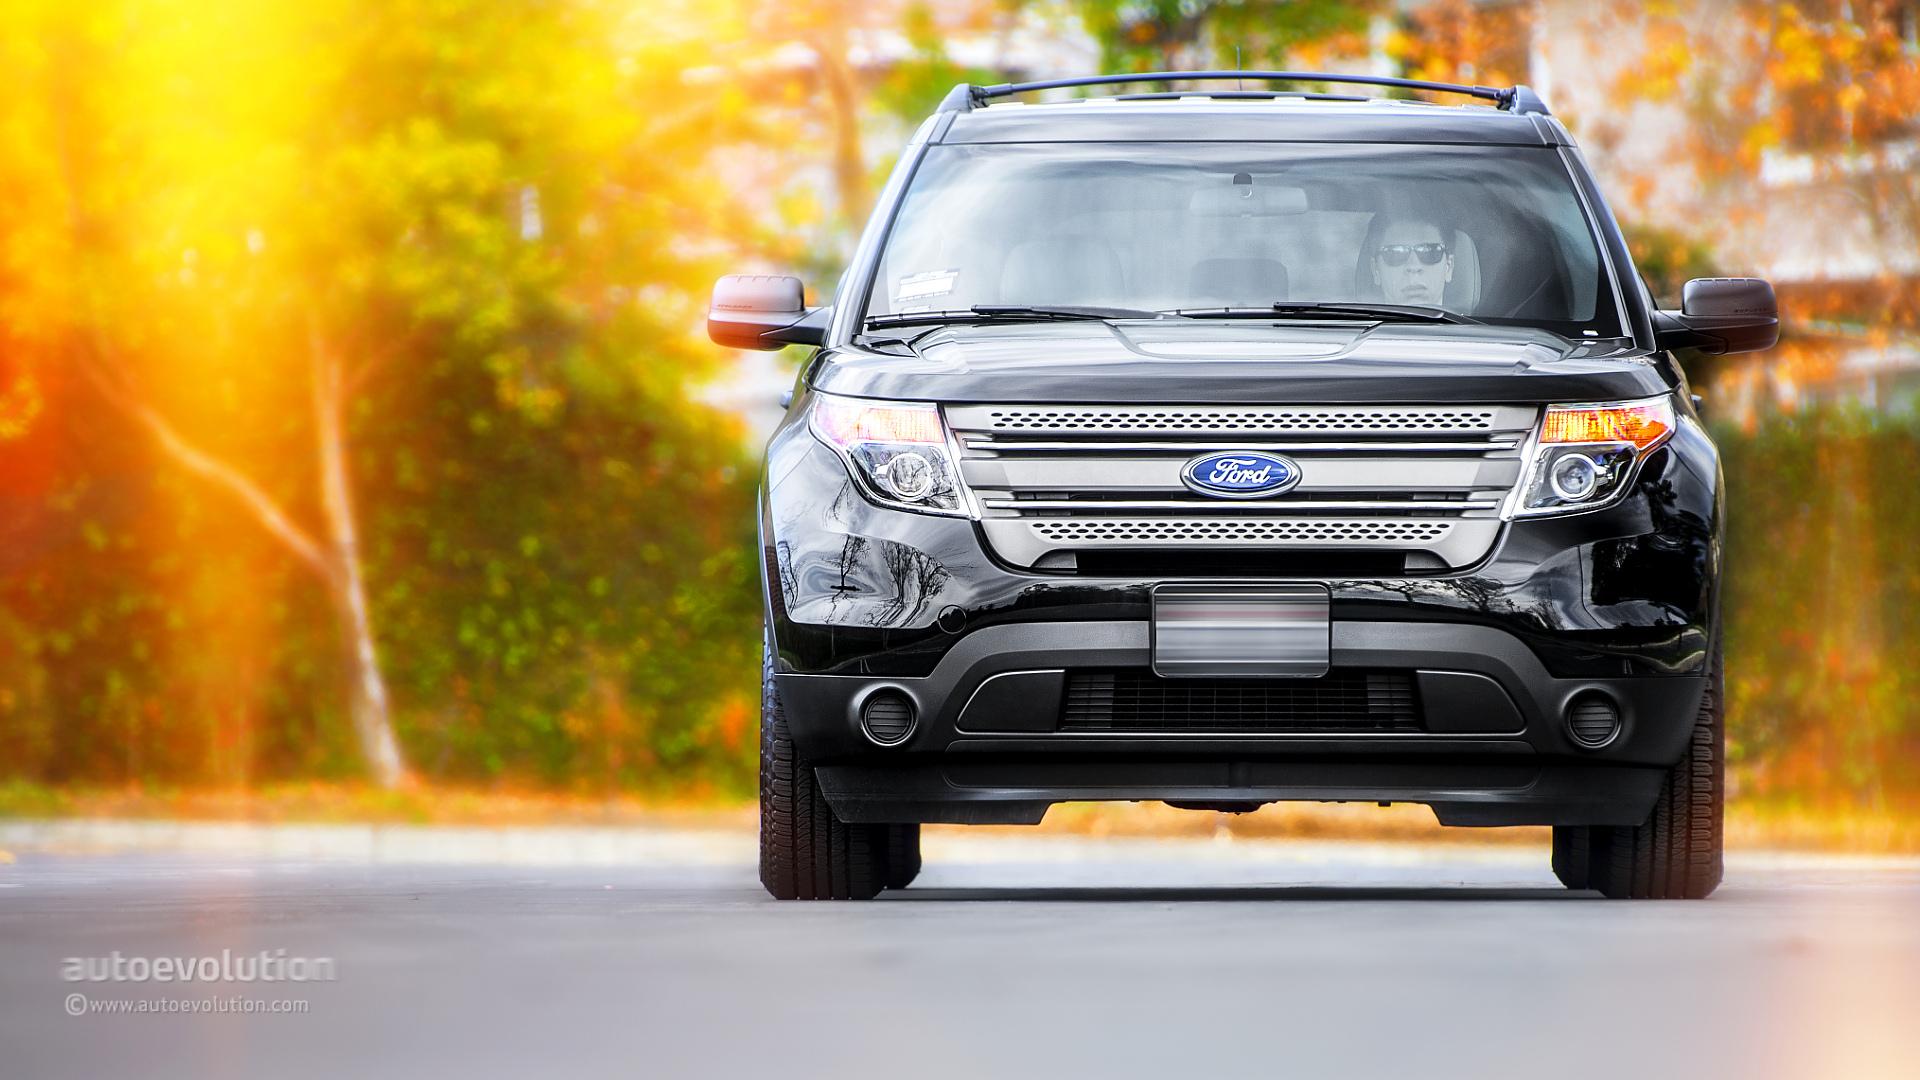 2014 FORD Explorer Review - autoevolution